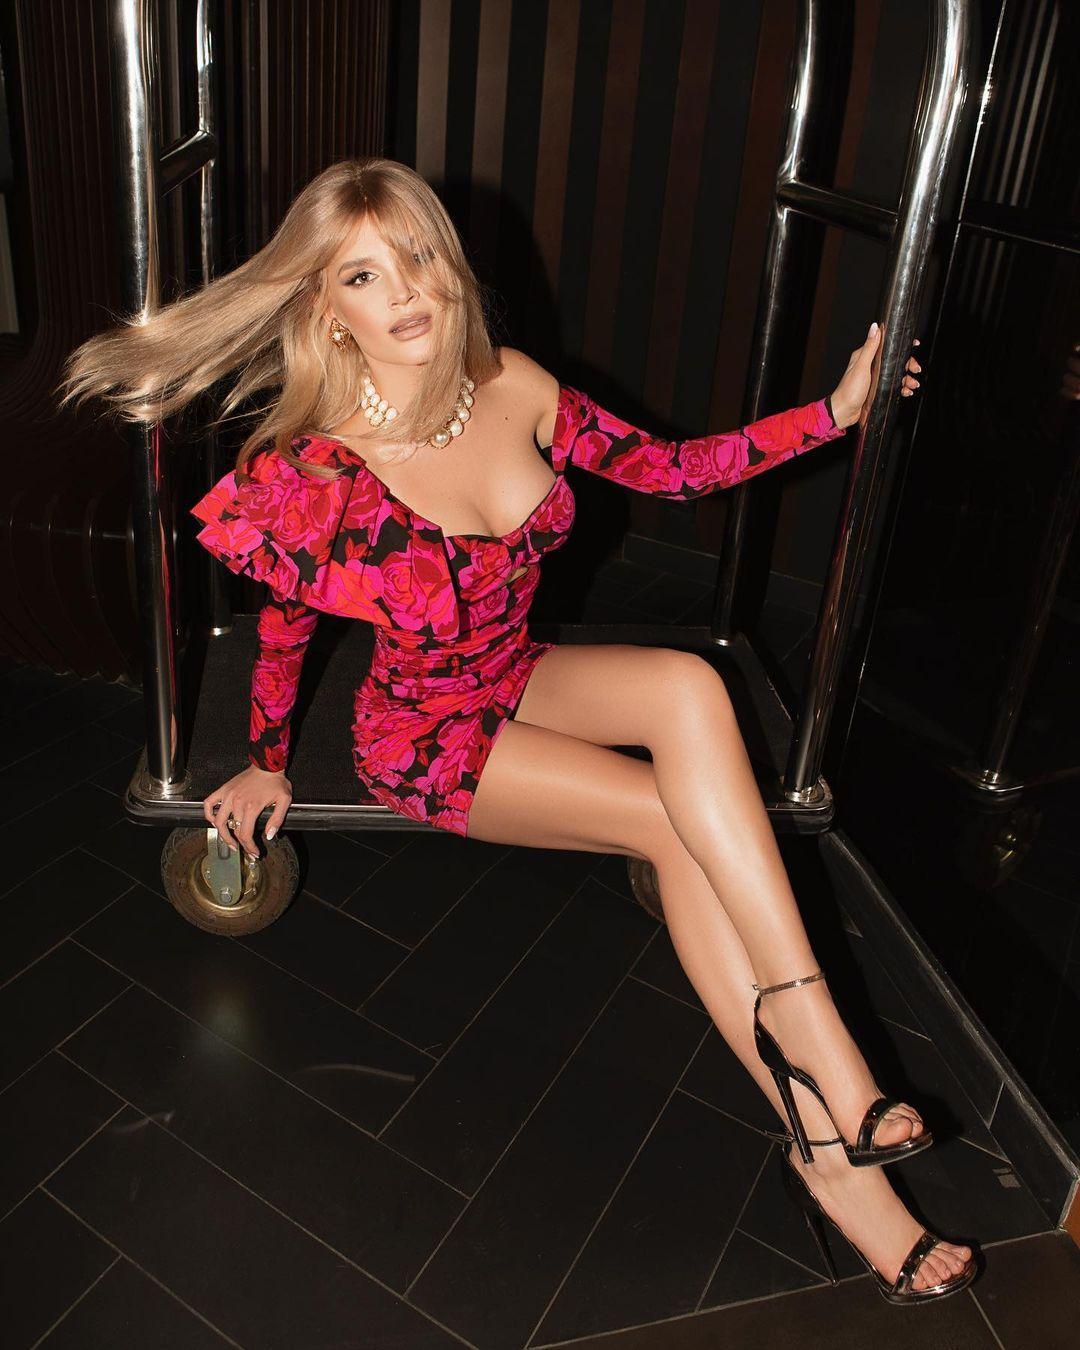 Певица восхитила сеть / instagram.com/misharomanova